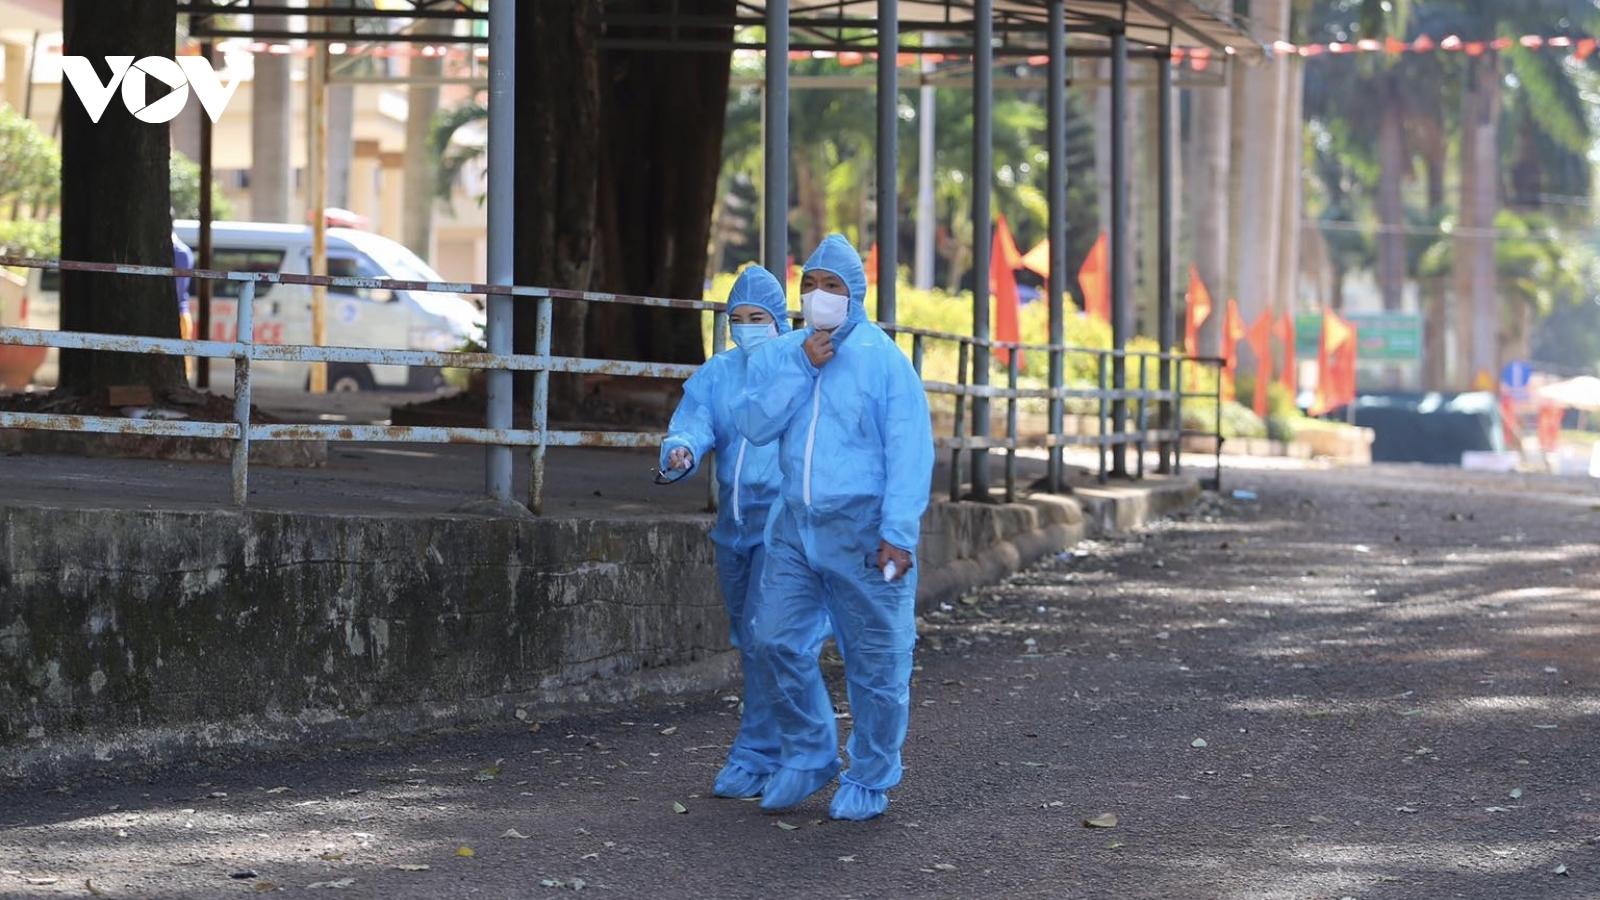 Bệnh viện Đa khoa Gia Lai hoạt động trở lại sau khi bị phong tỏa